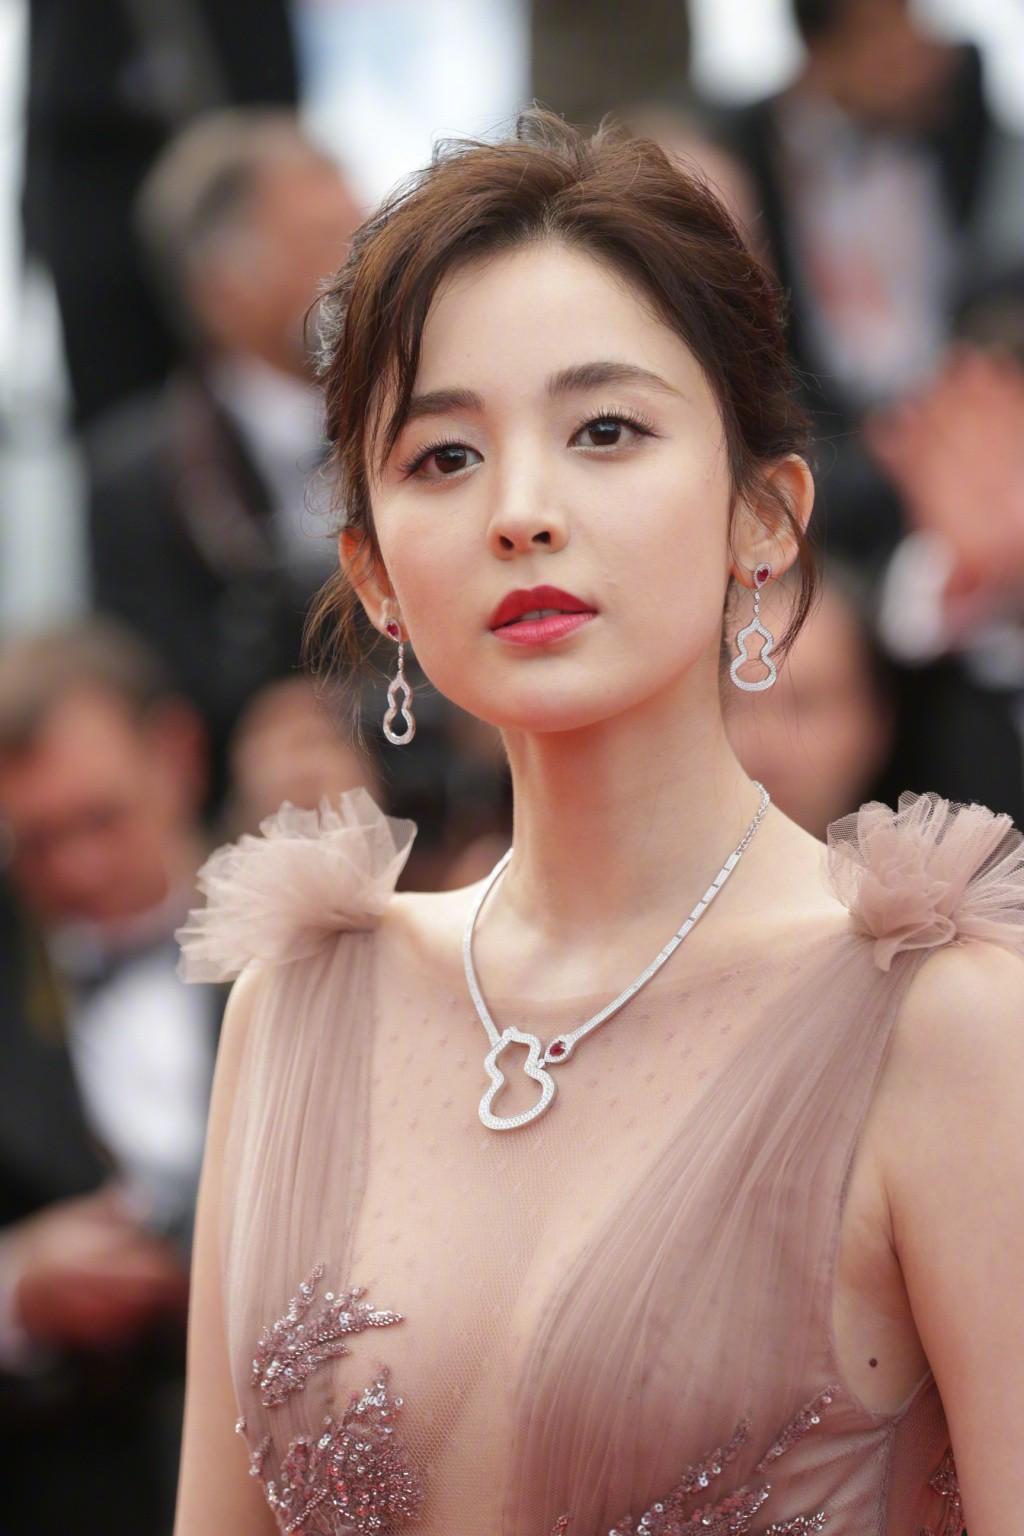 Vắng bóng Phạm Băng Băng, đây là mỹ nhân khiến dân tình trầm trồ vì đẹp đẳng cấp trong những ngày tại Cannes - Ảnh 6.